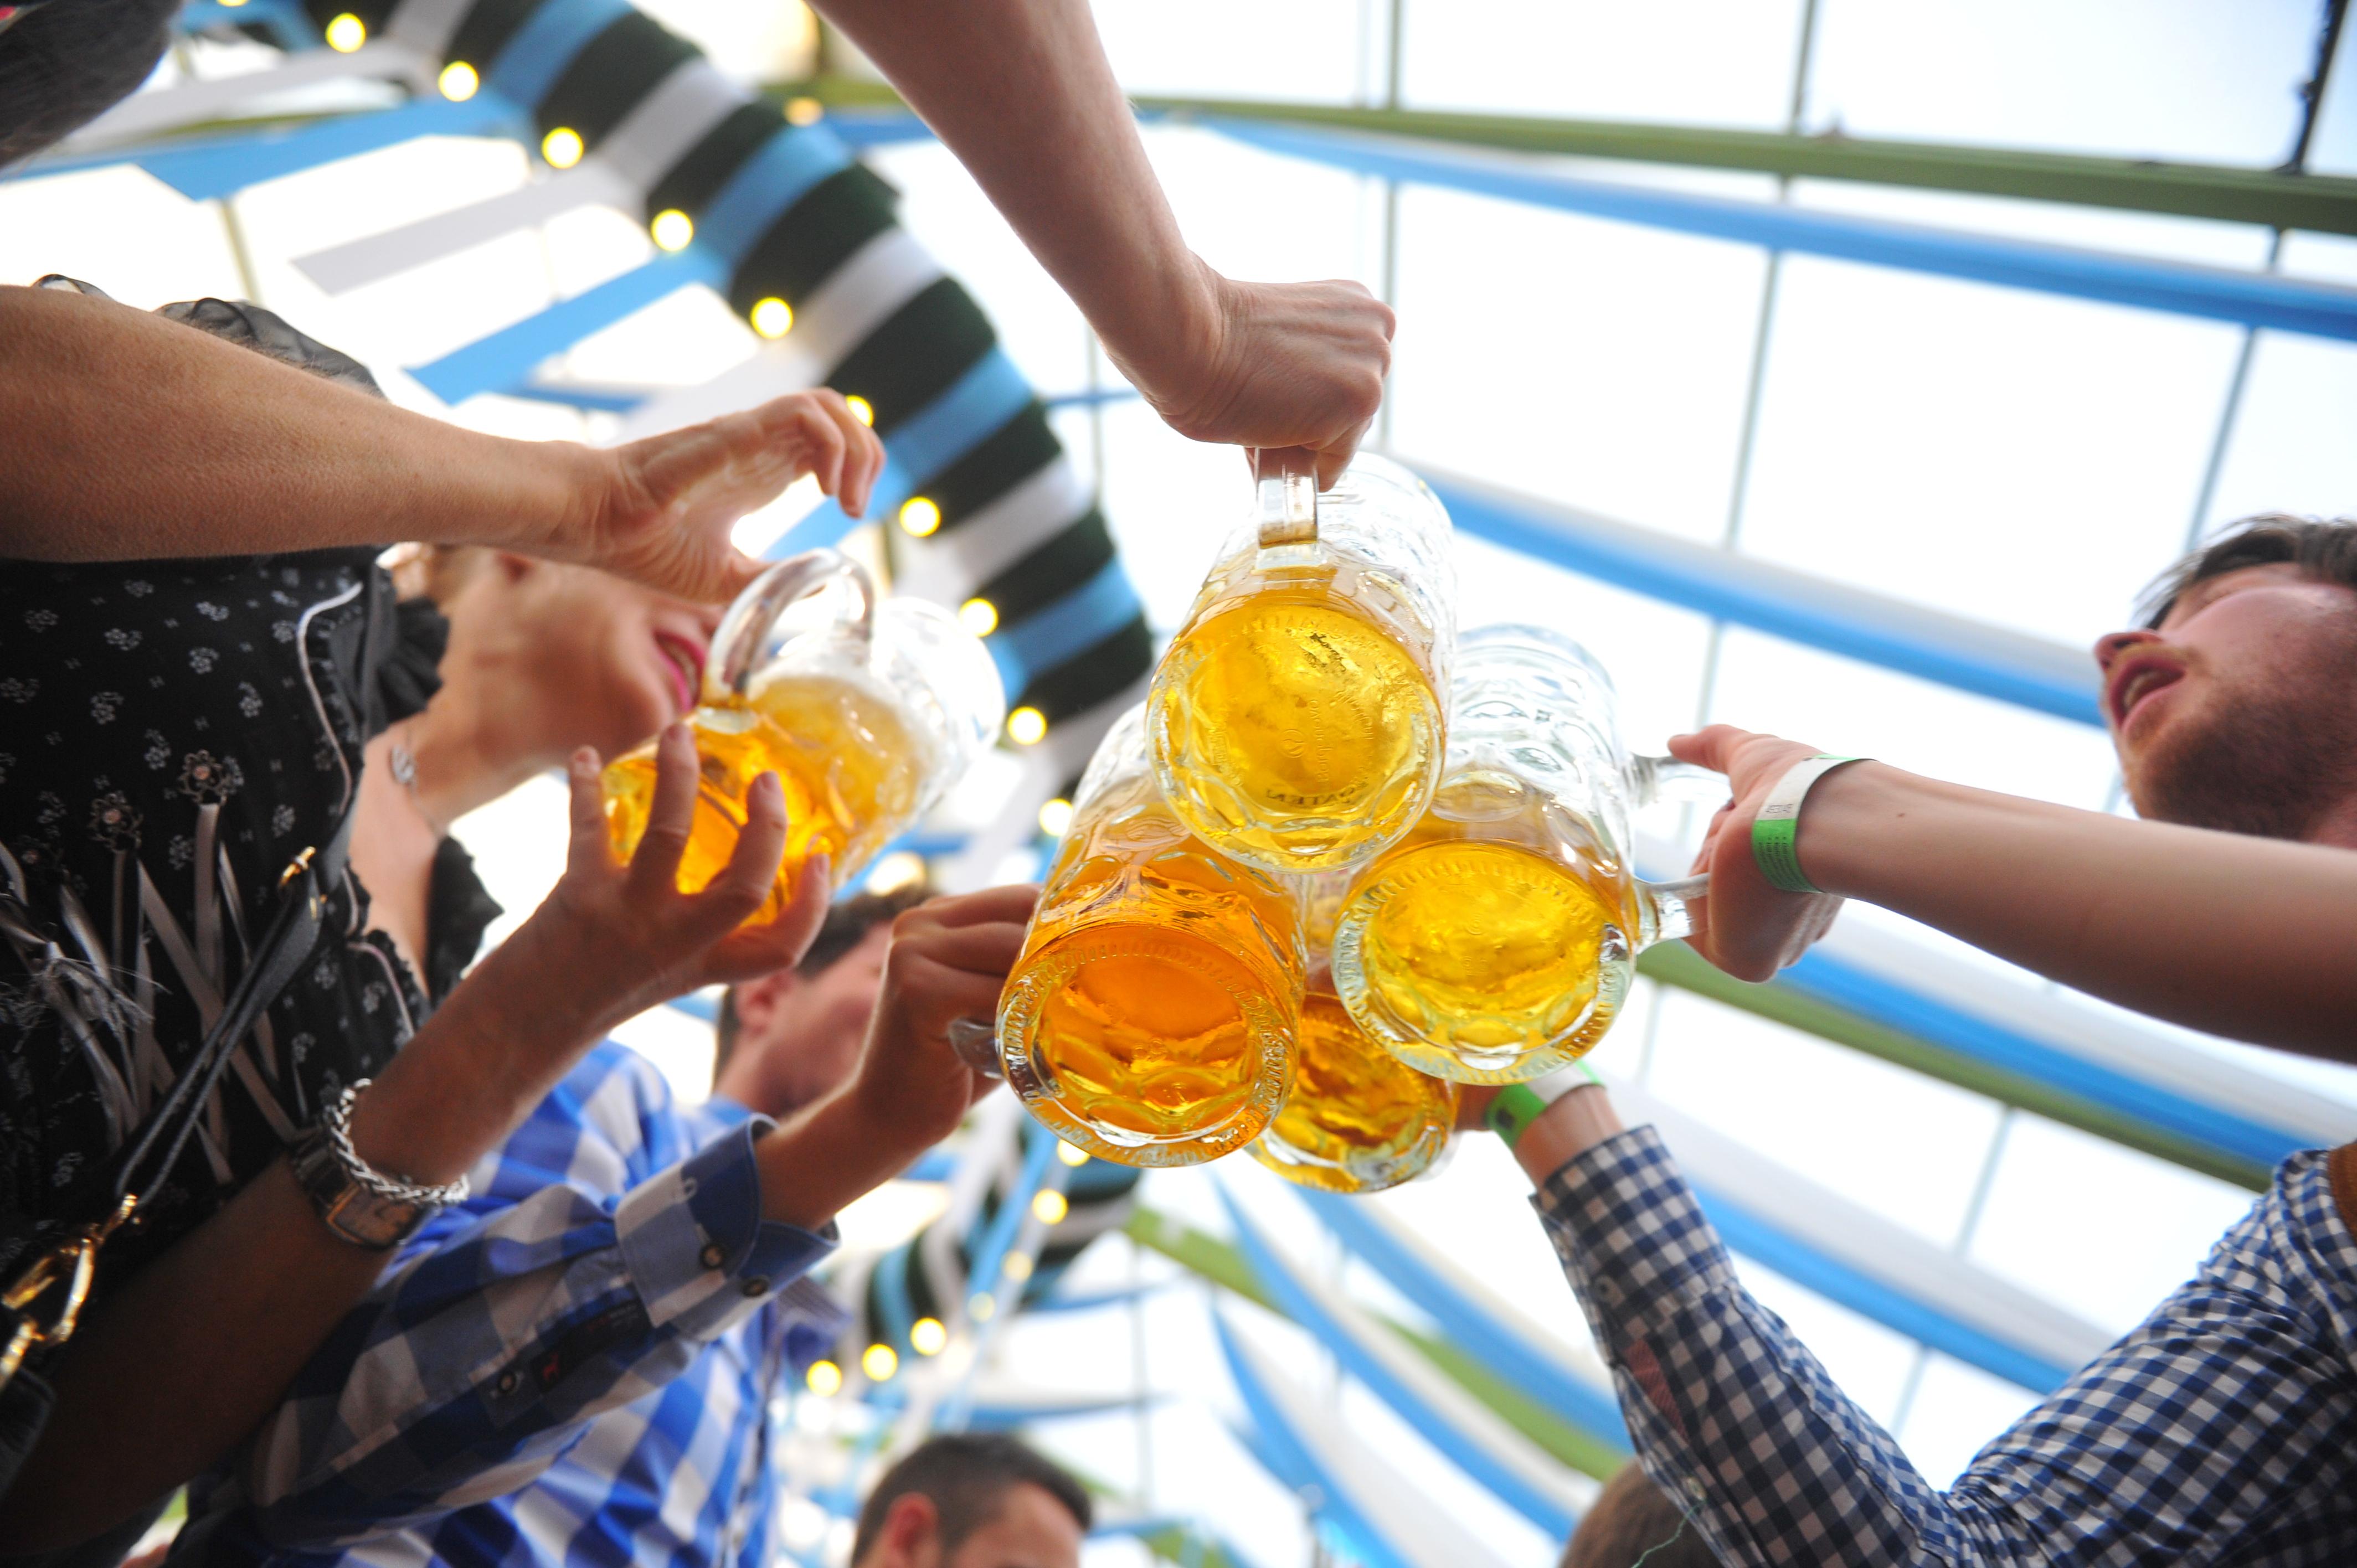 Молодежь в Самаре предпочитает пиво, а люди постарше водку и разбавленный спирт